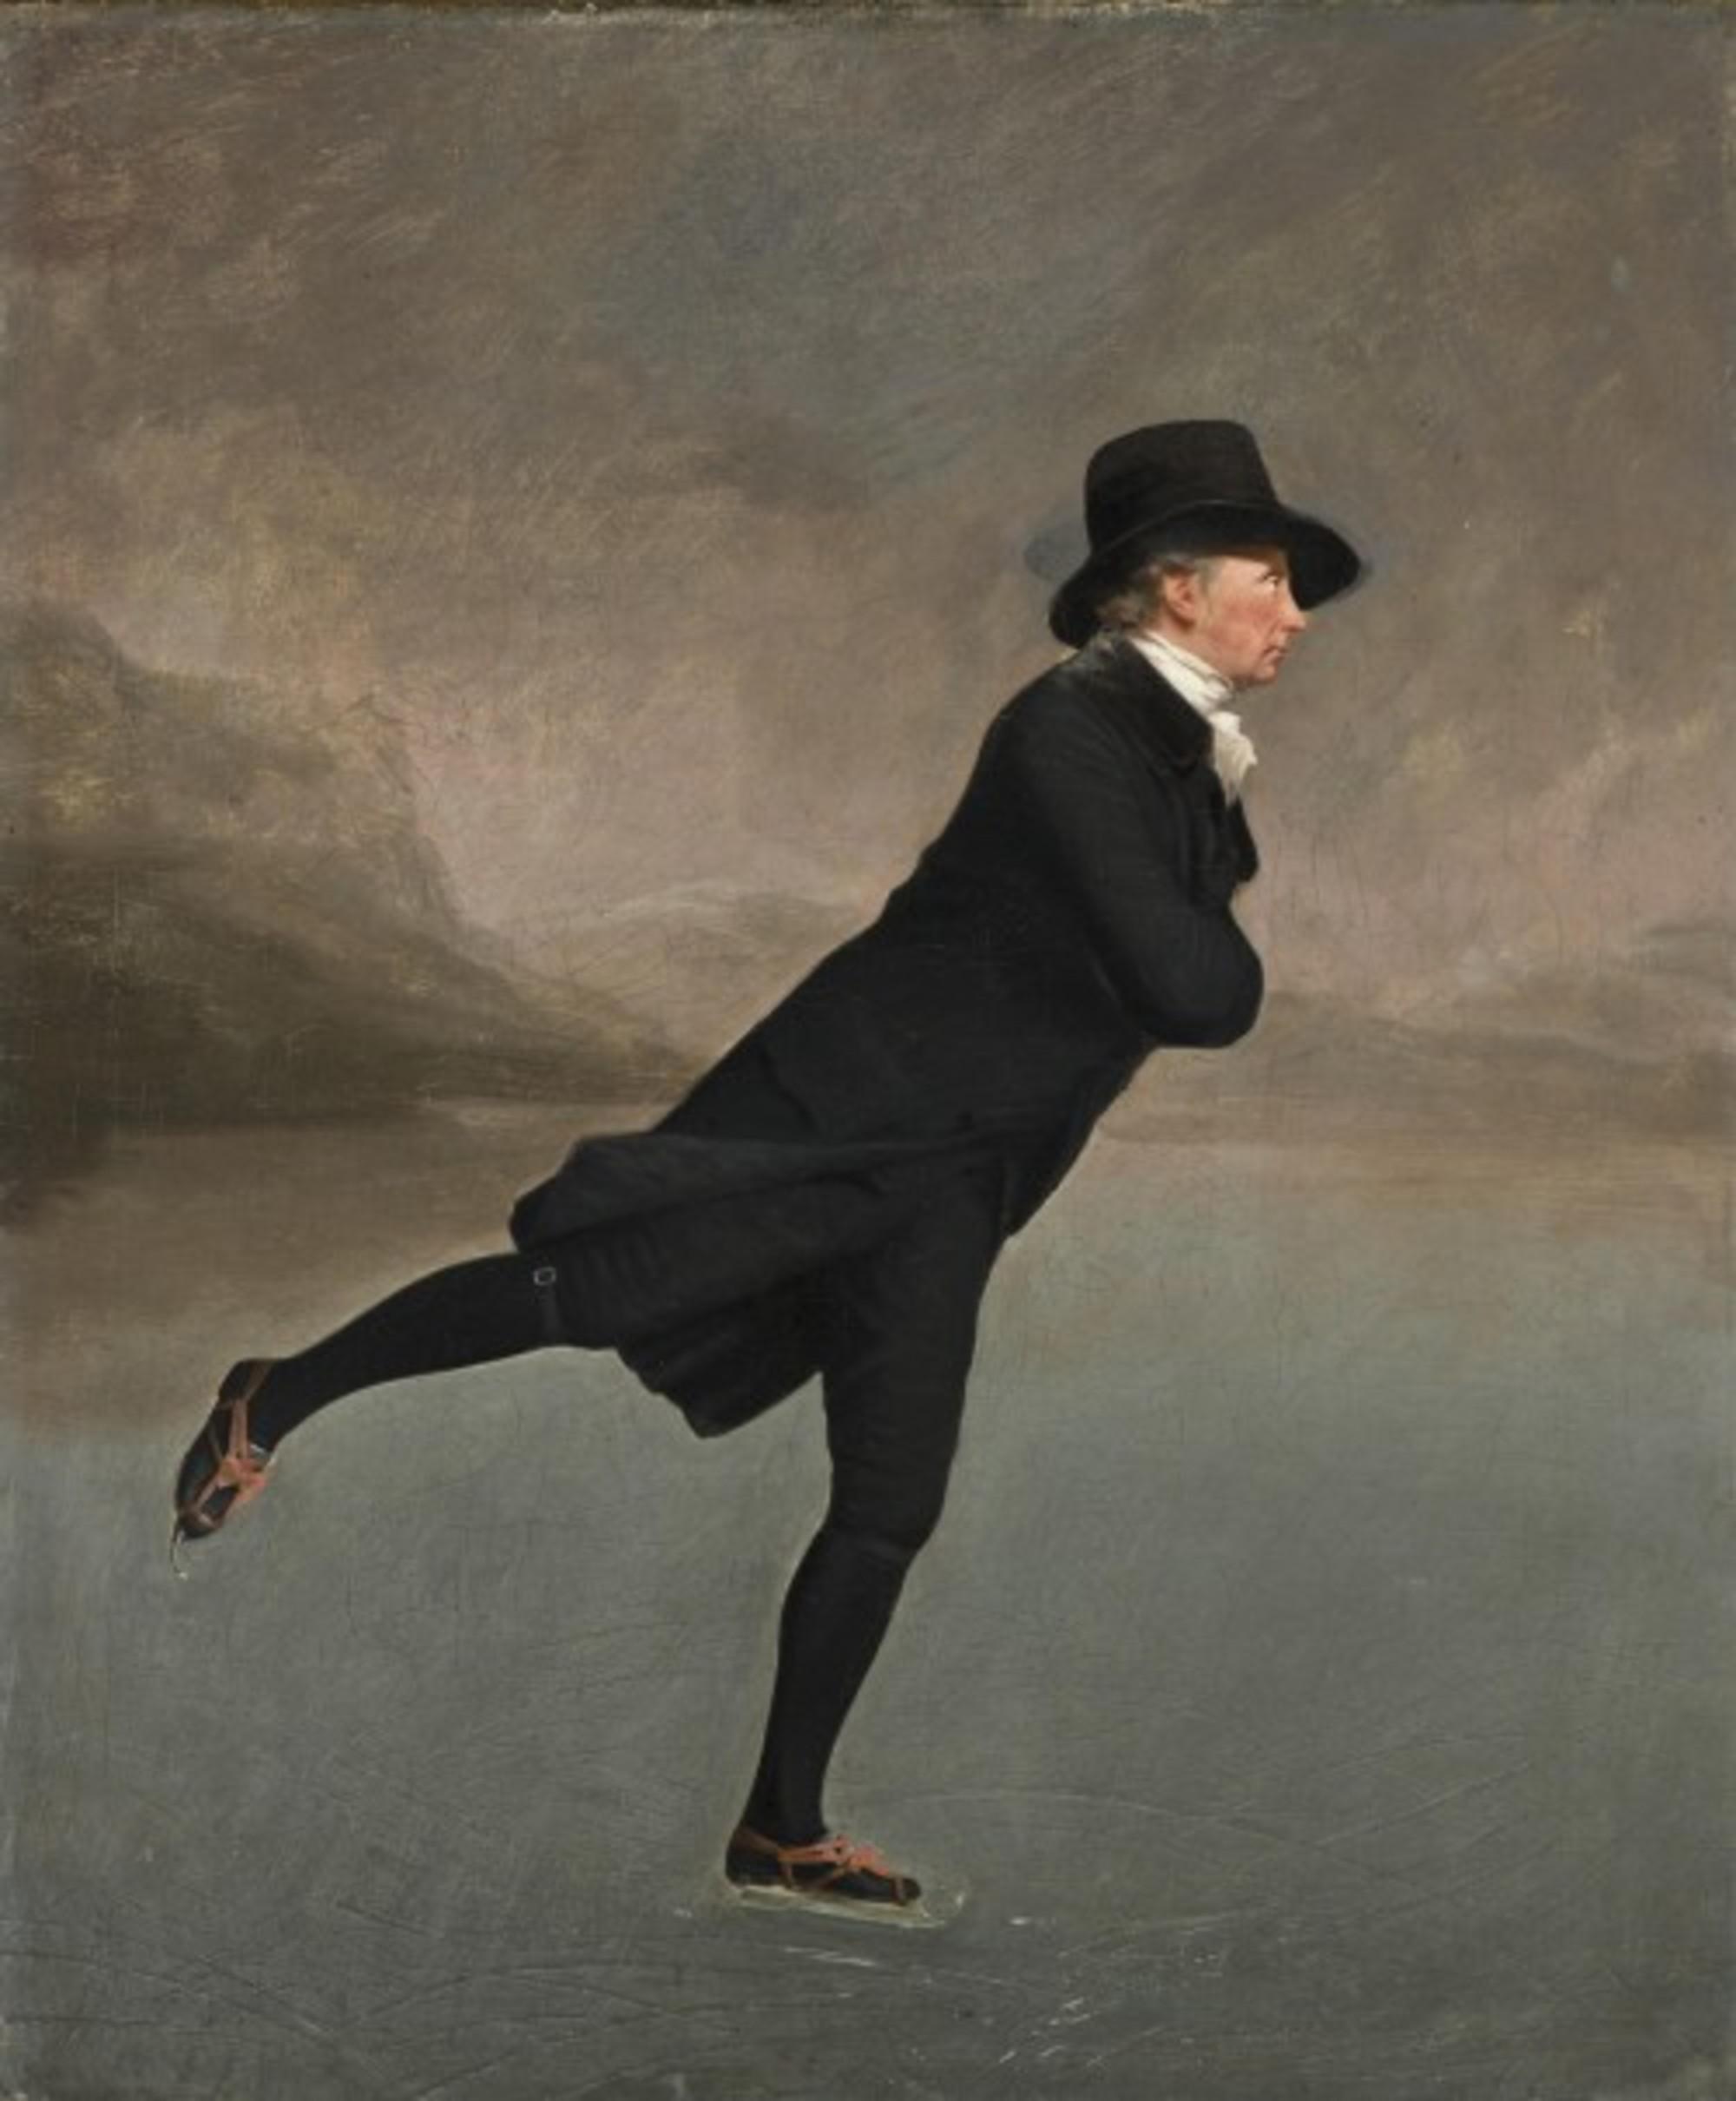 The-Skating-Minister.jpg